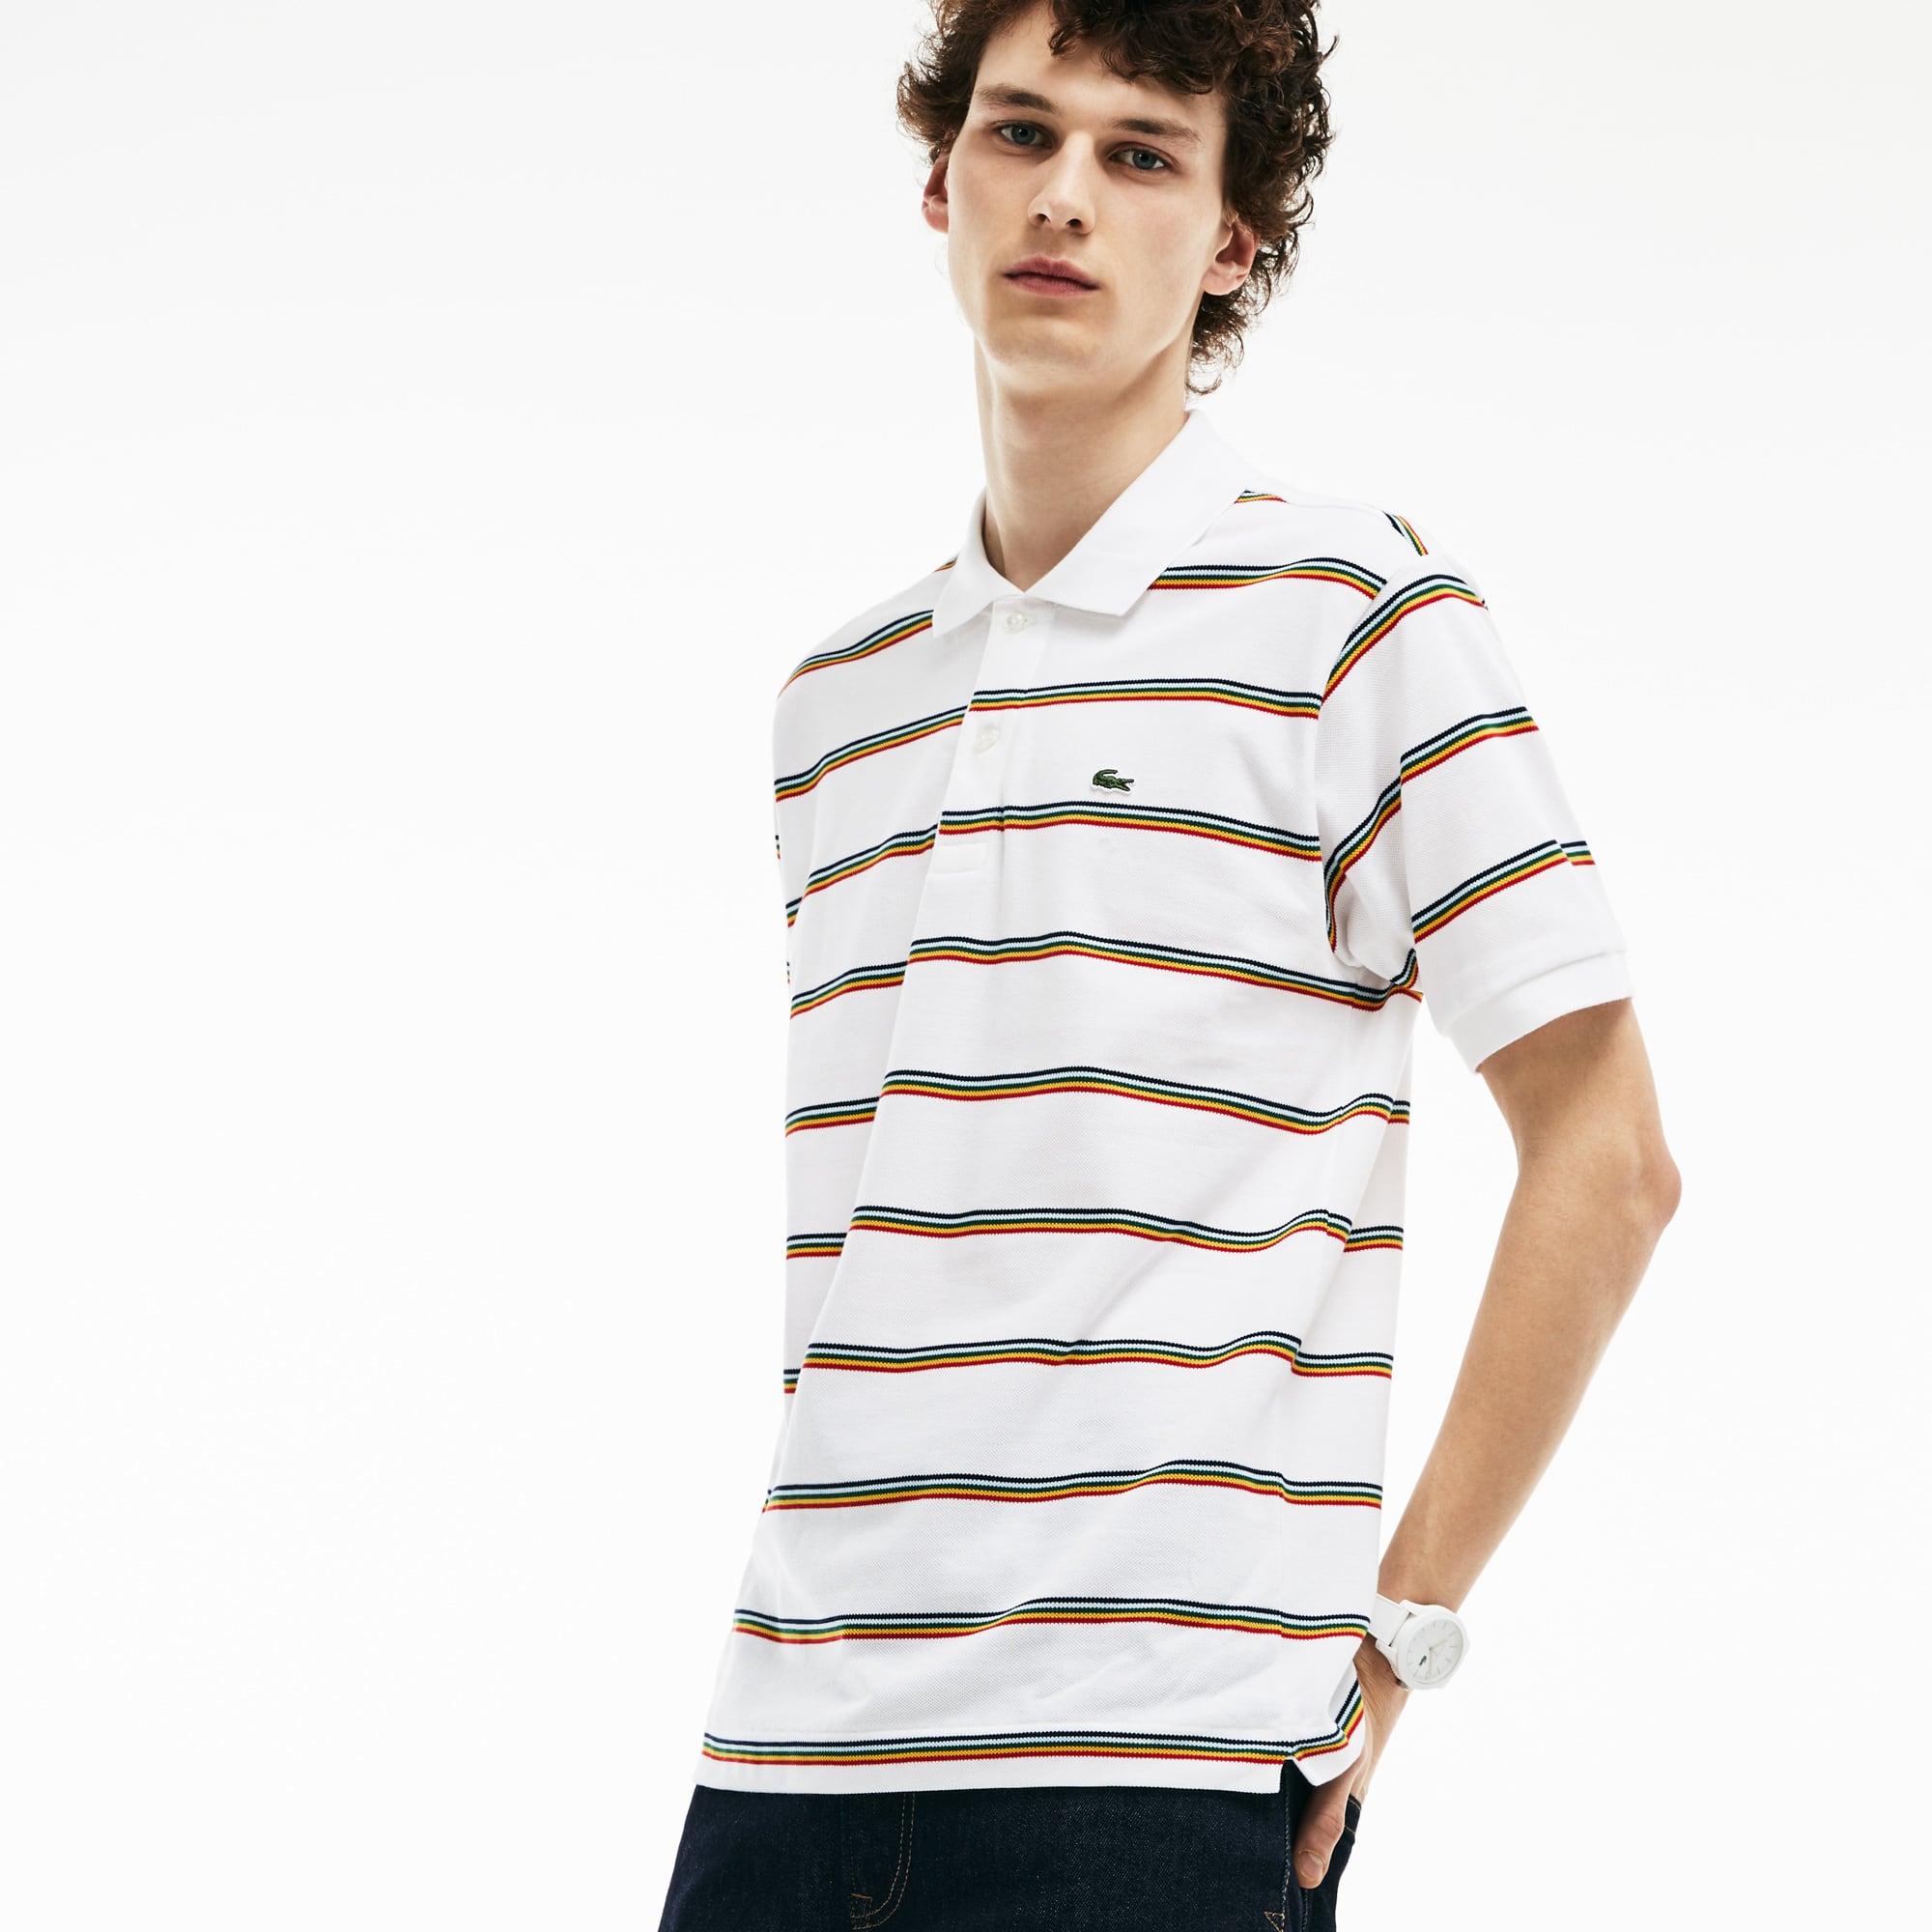 Herren LACOSTE L.12.12 gestreiftes Poloshirt aus Baumwoll-Piqué